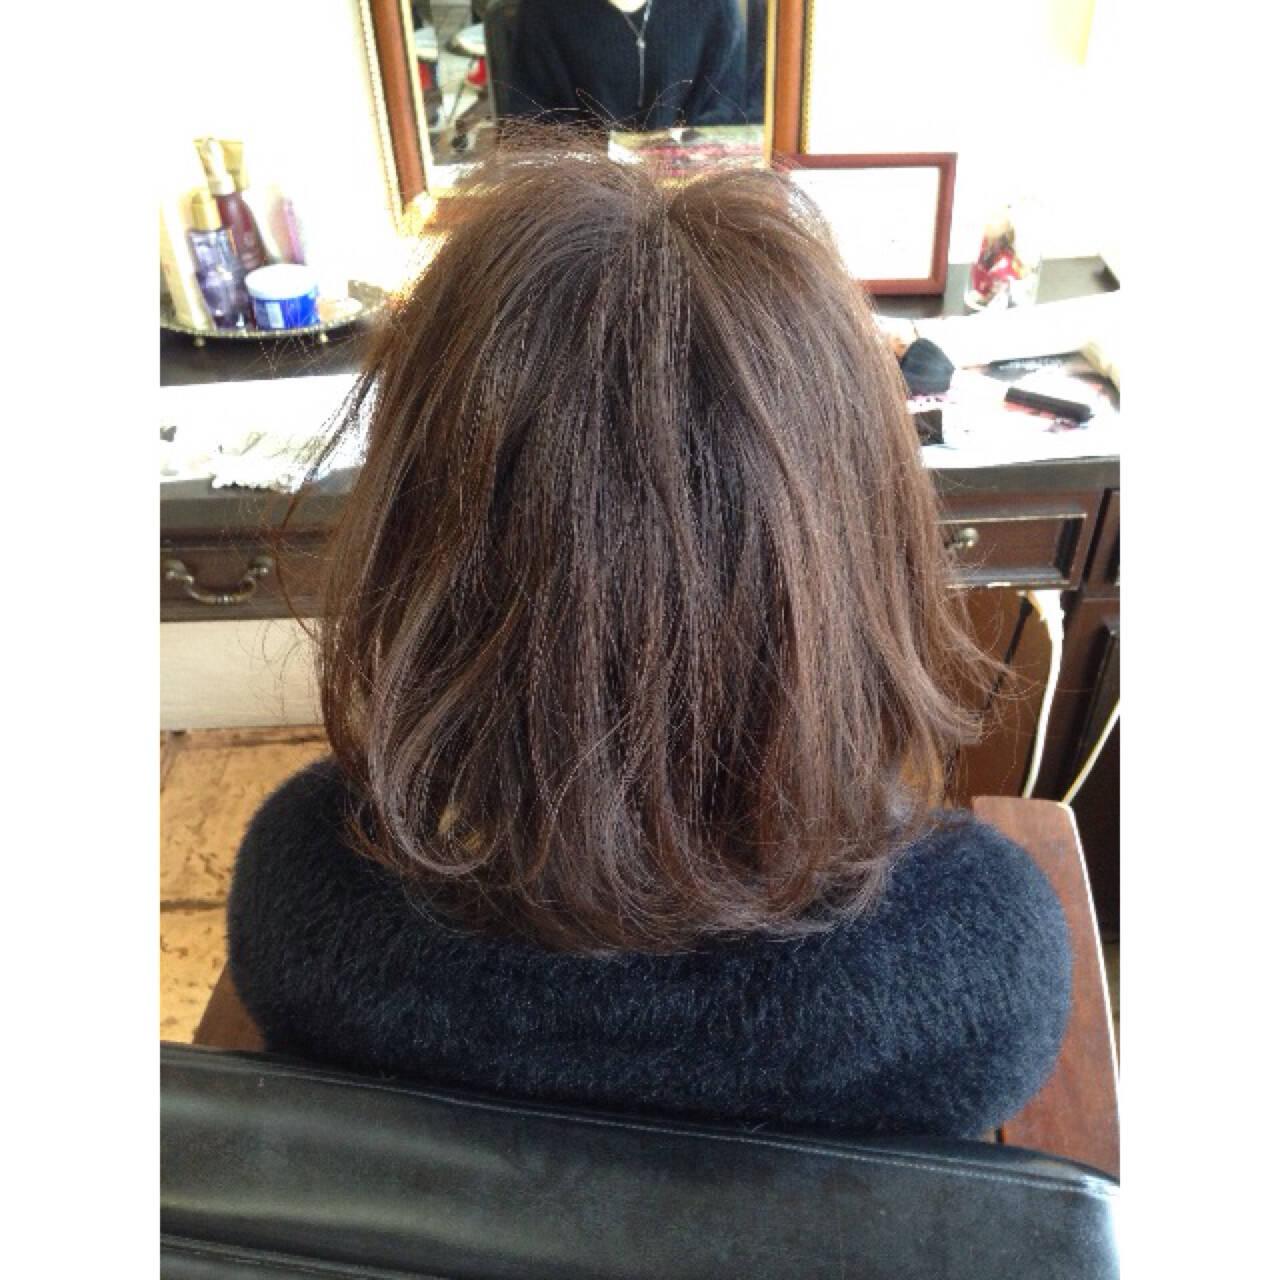 ミディアム ラベンダーアッシュ 外国人風 暗髪ヘアスタイルや髪型の写真・画像